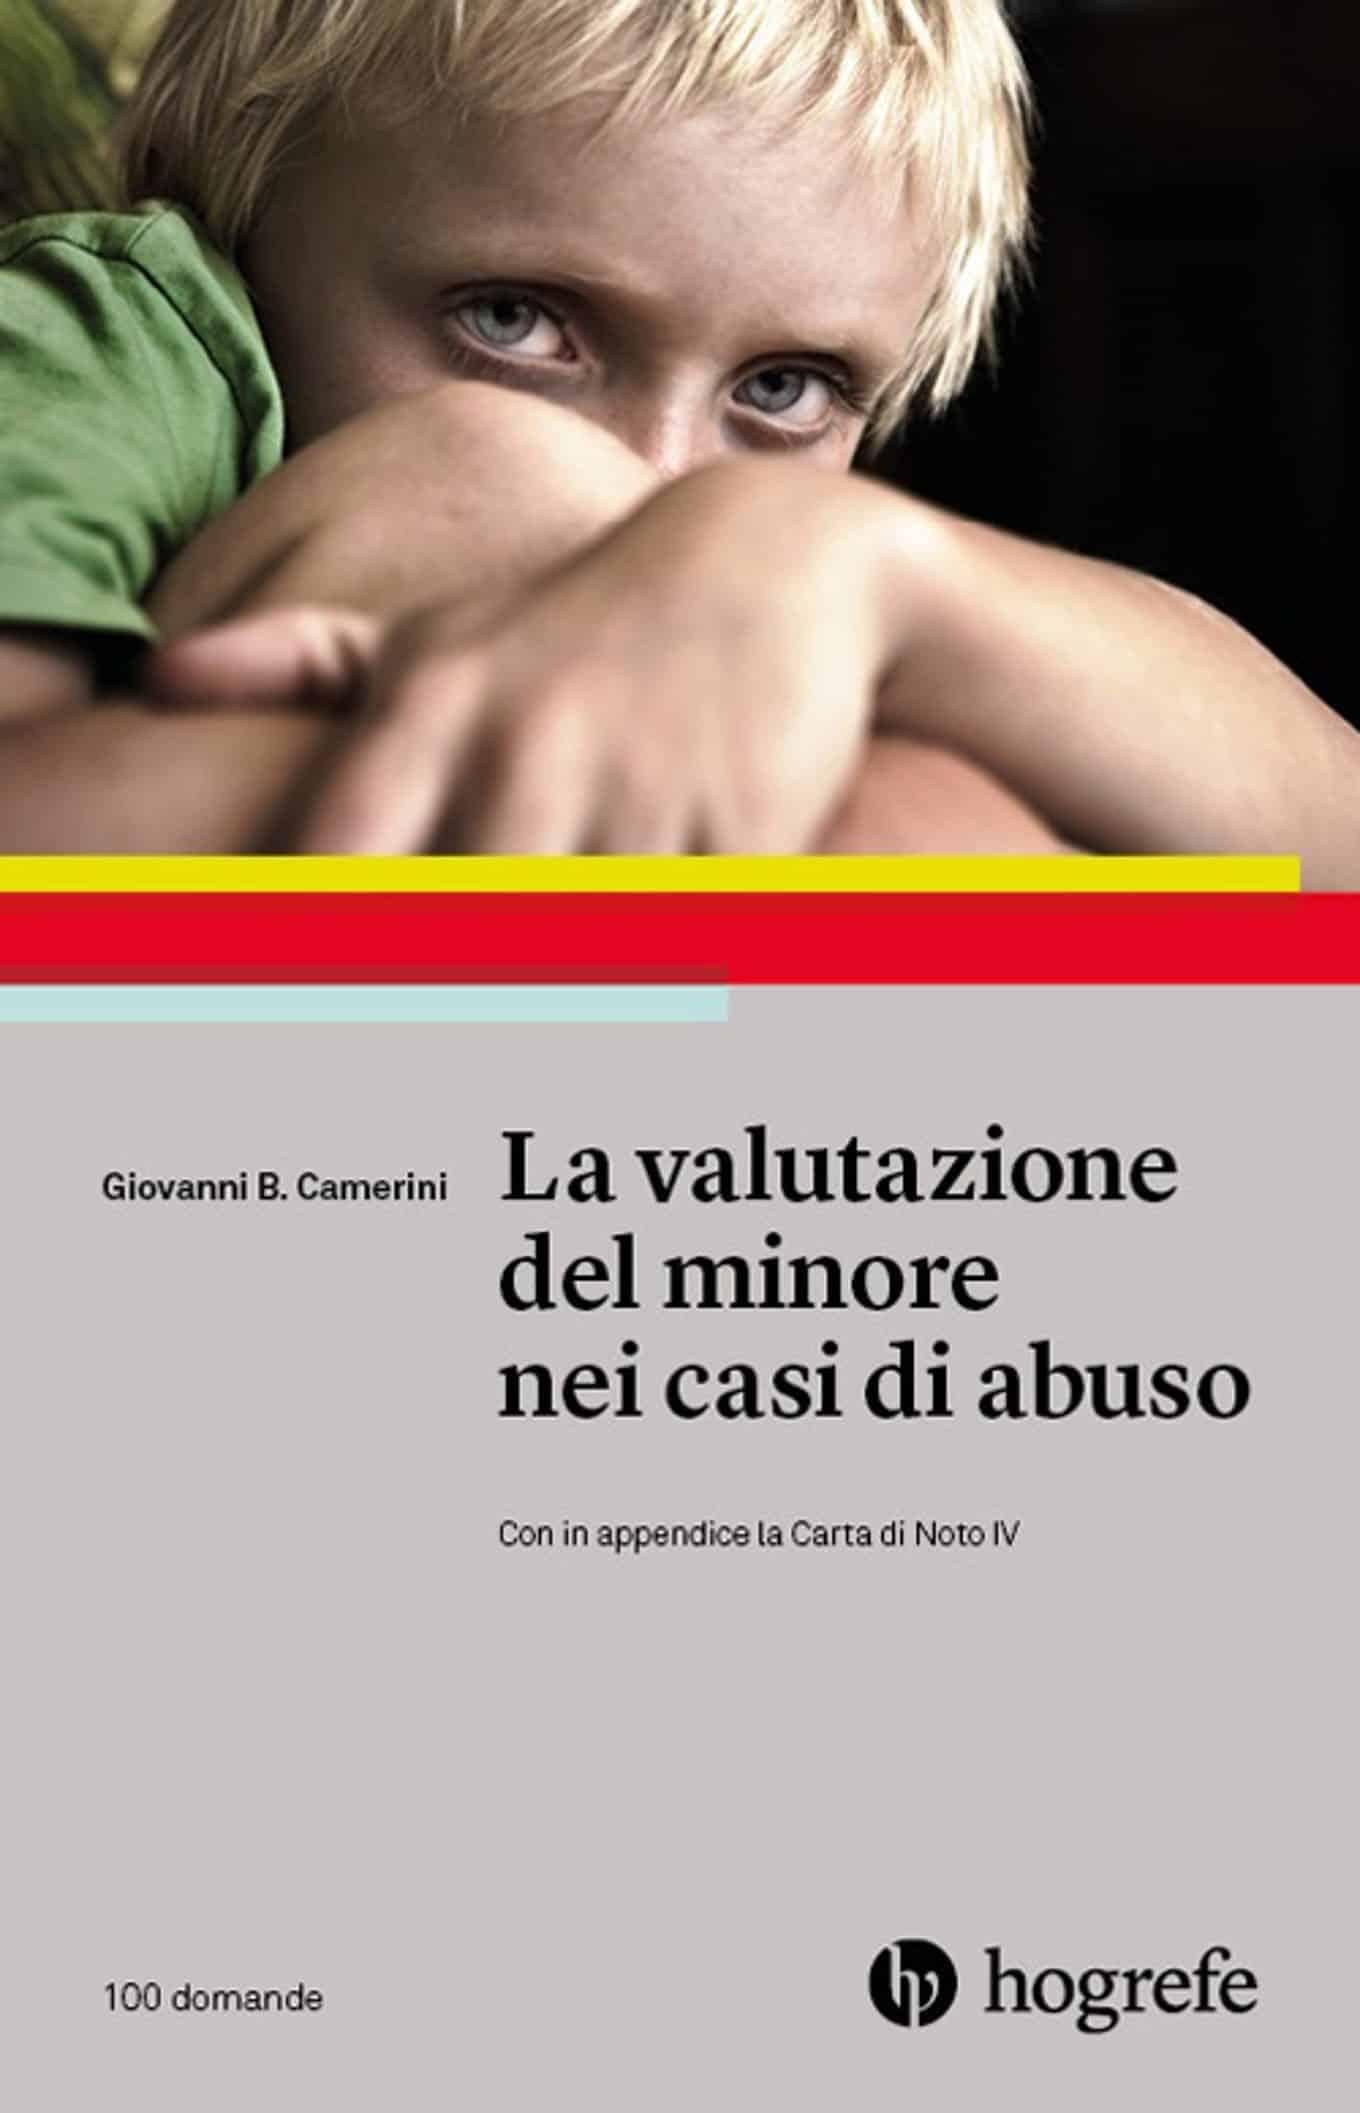 La valutazione del minore nei casi di abuso (2018) di Giovanni B. Camerini – Recensione del libro